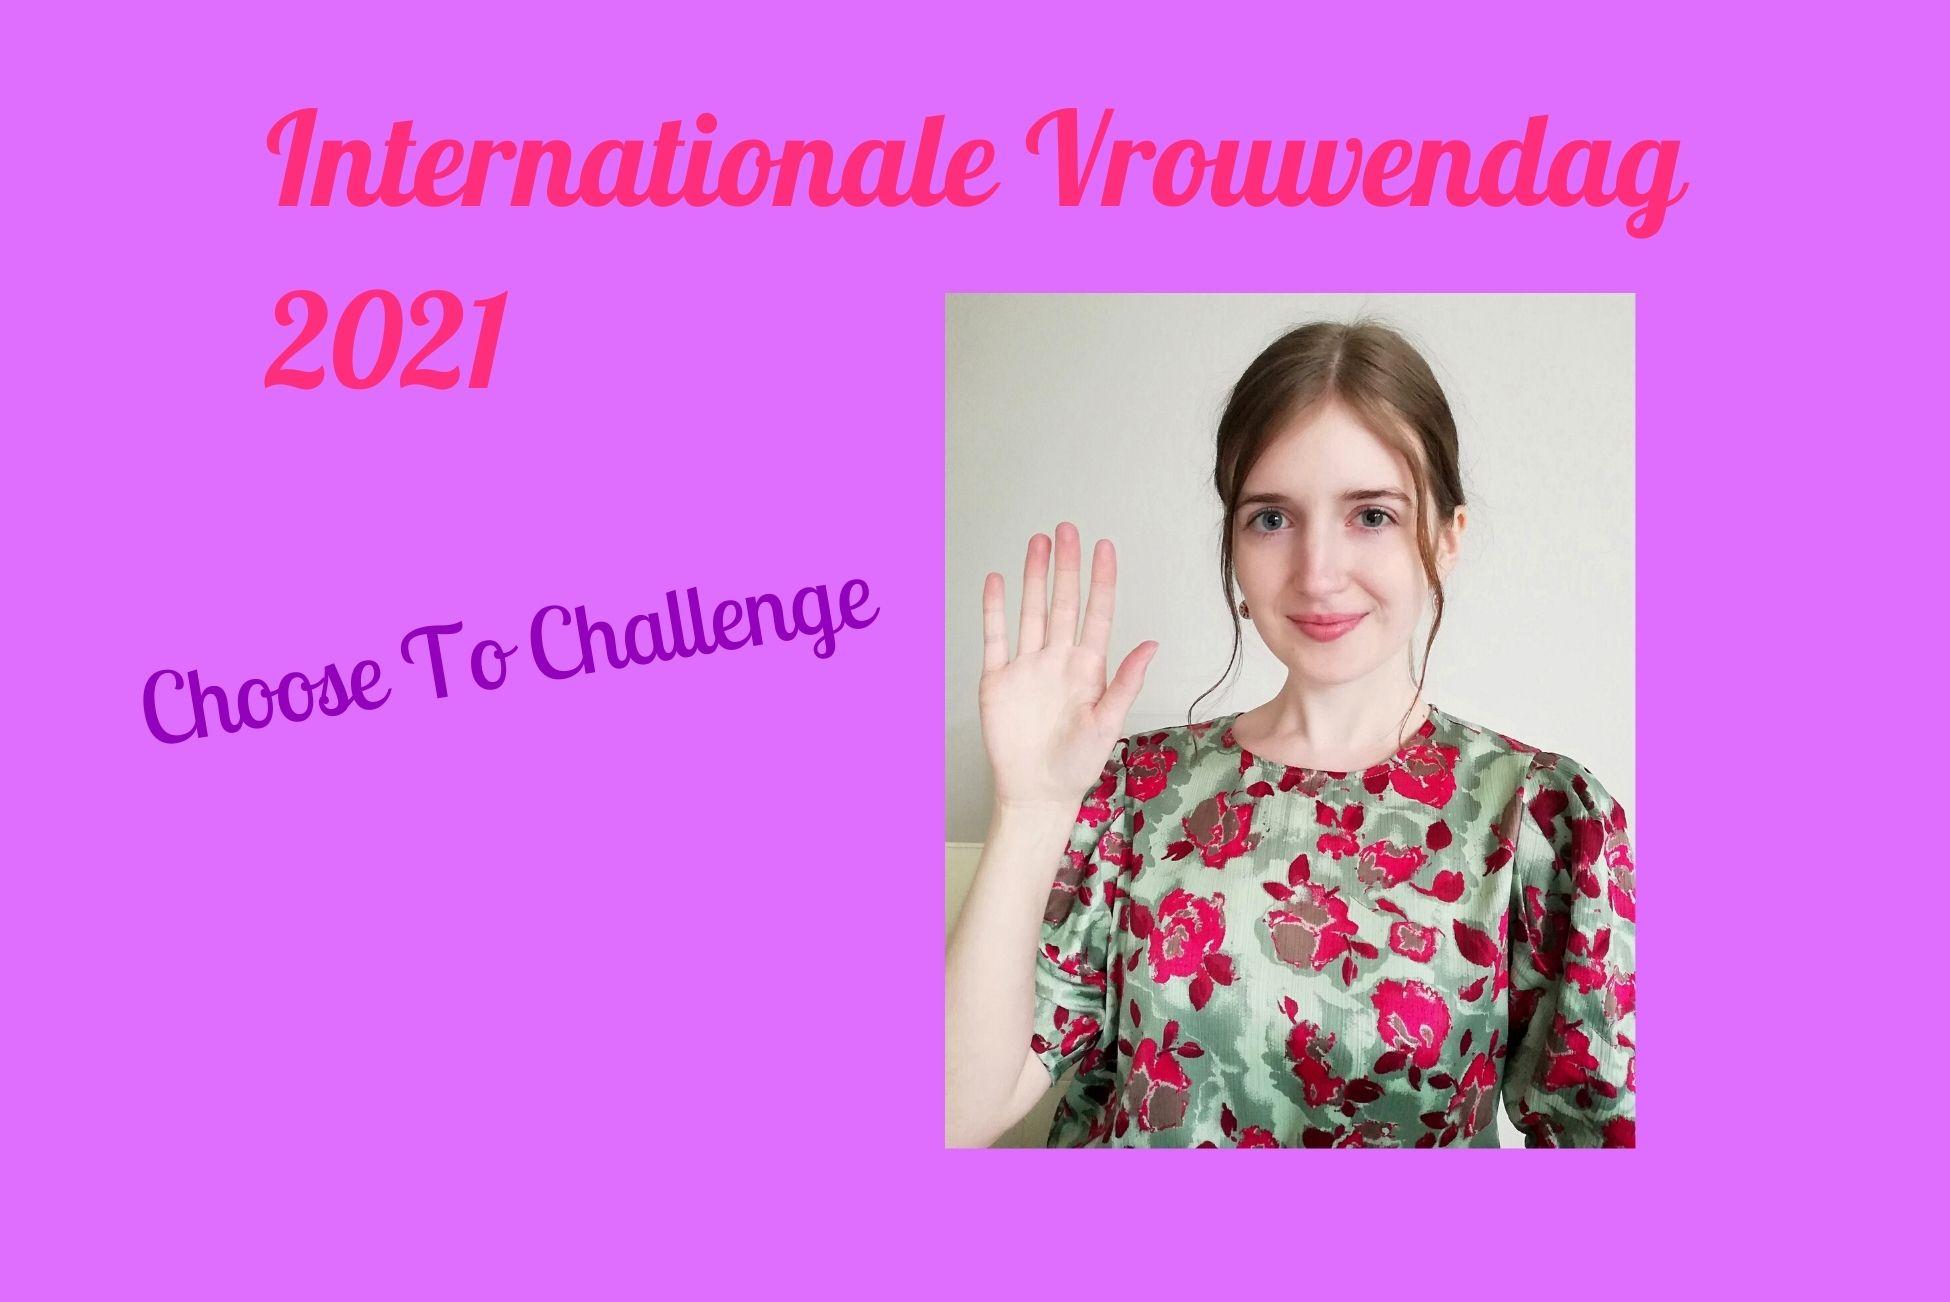 Internationale Vrouwendag 2021: Ja, die is nog nodig